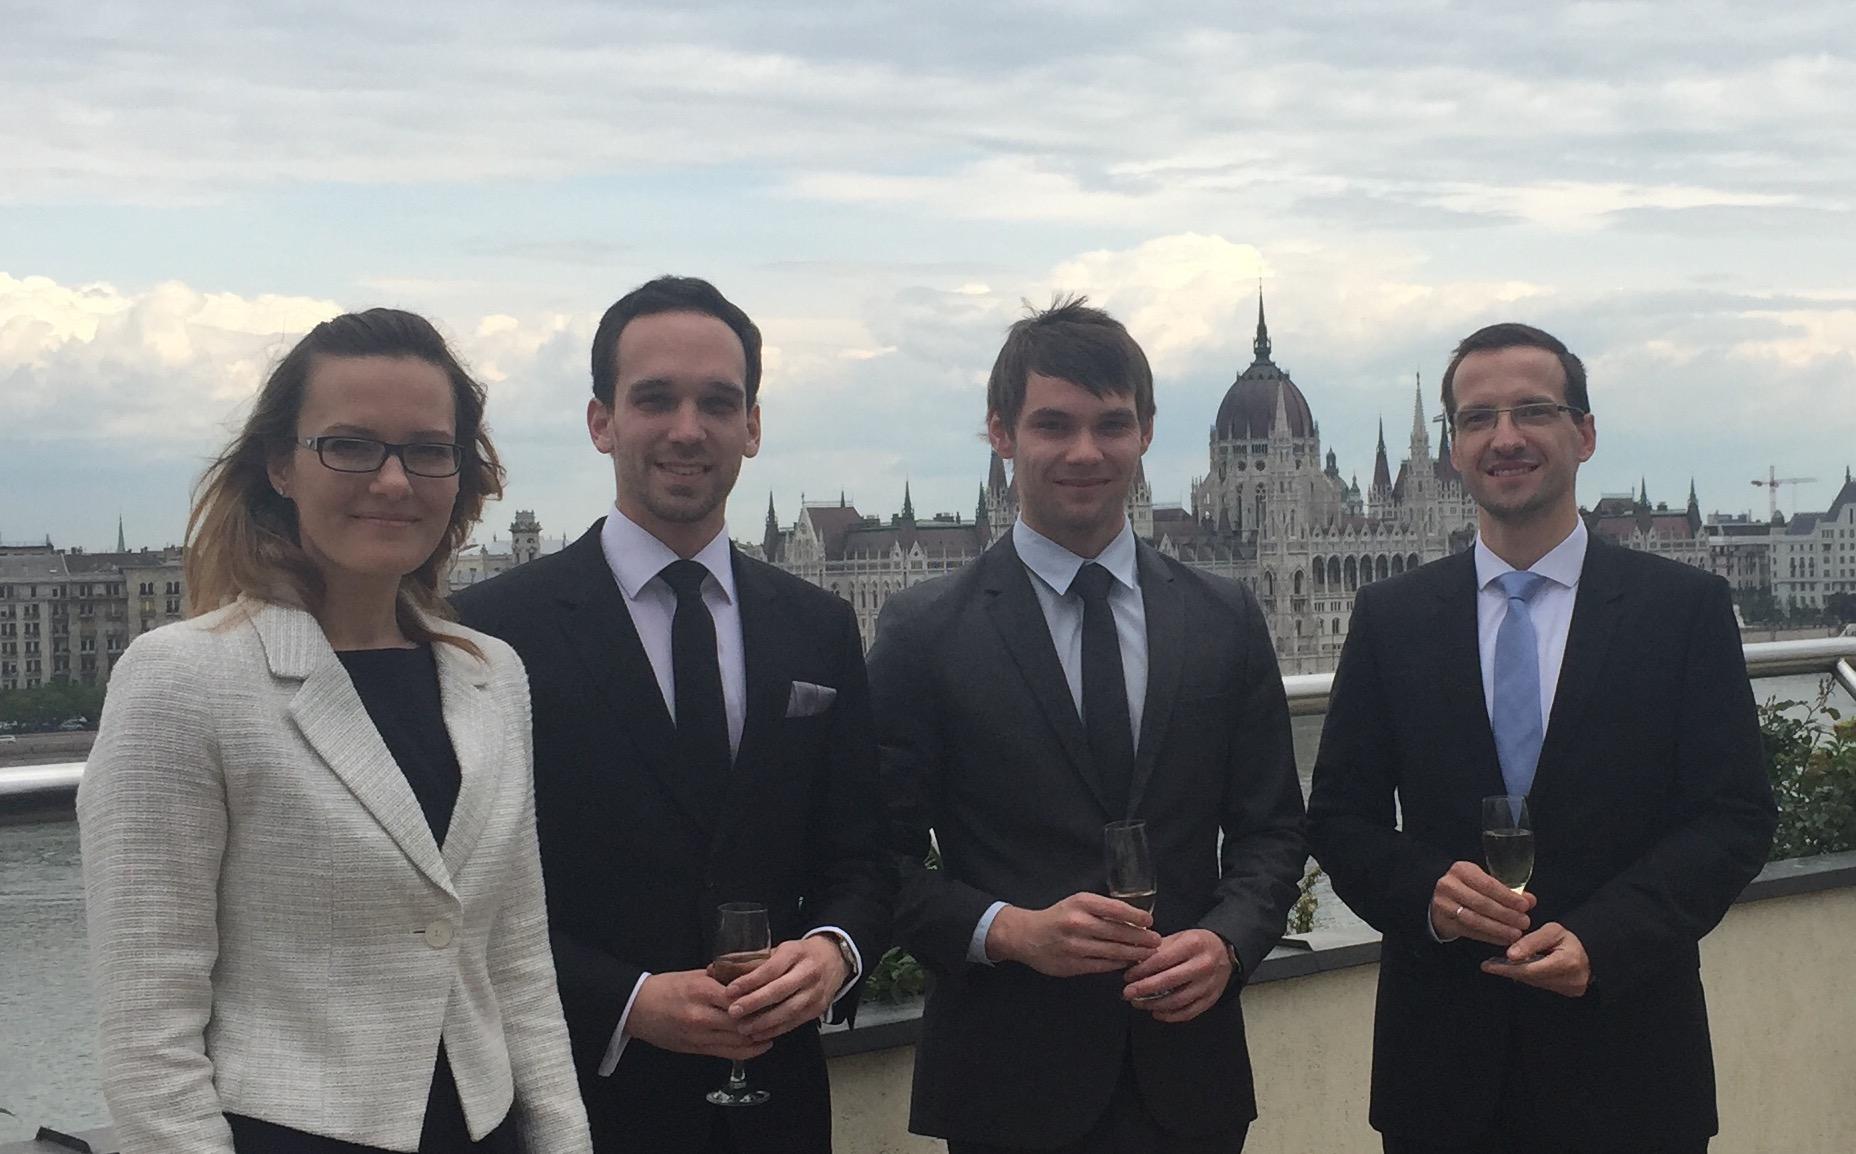 Győri sikerek a VII. Országos Nemzetközi Jogi Jogesetmegoldó Versenyen